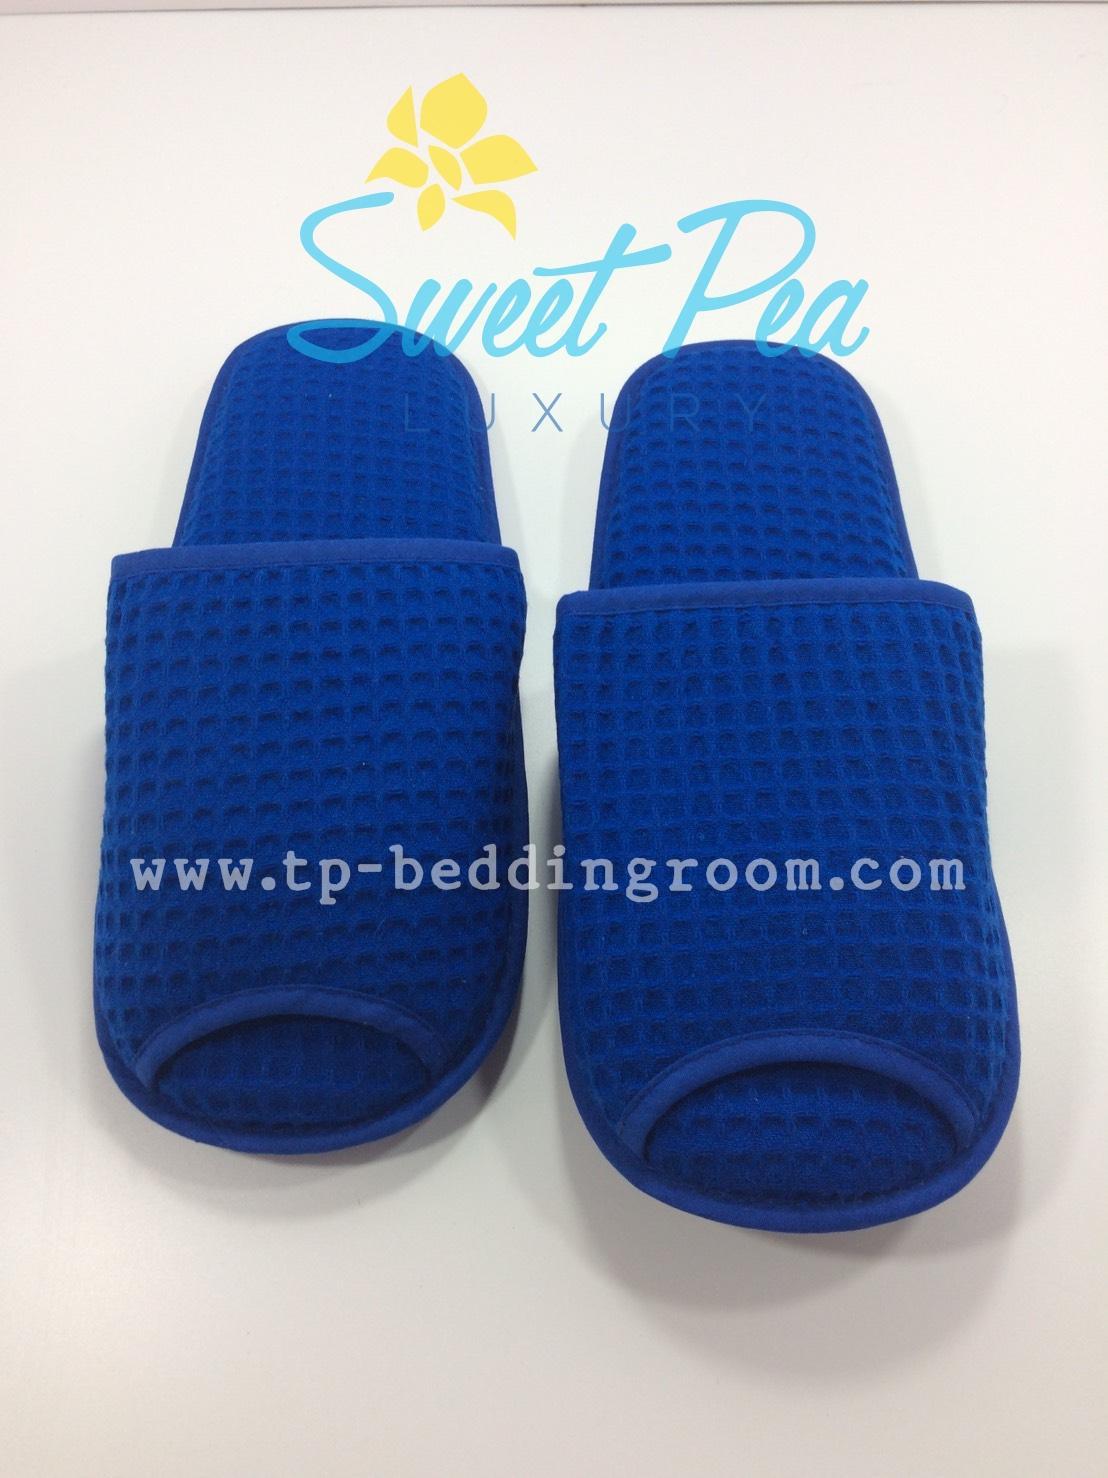 รองเท้า Slipper รังผึ้ง สีน้ำเงิน หัวเปิด